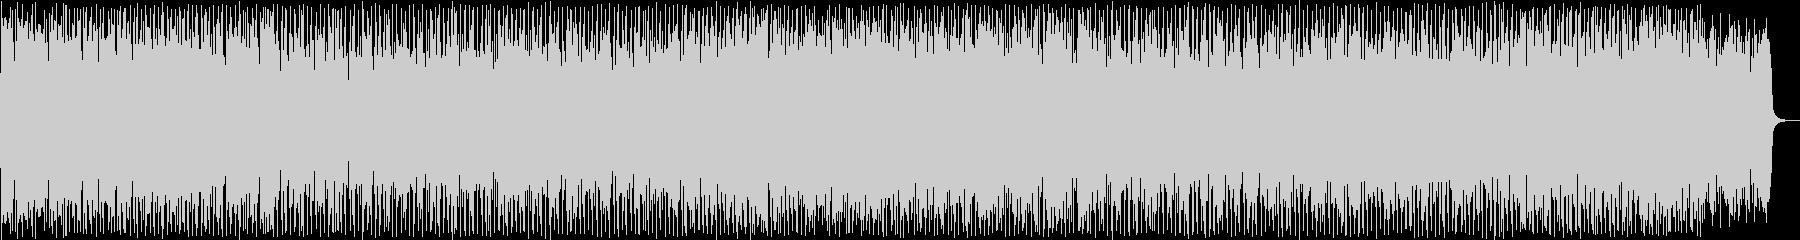 かっこいいテクノソングの未再生の波形